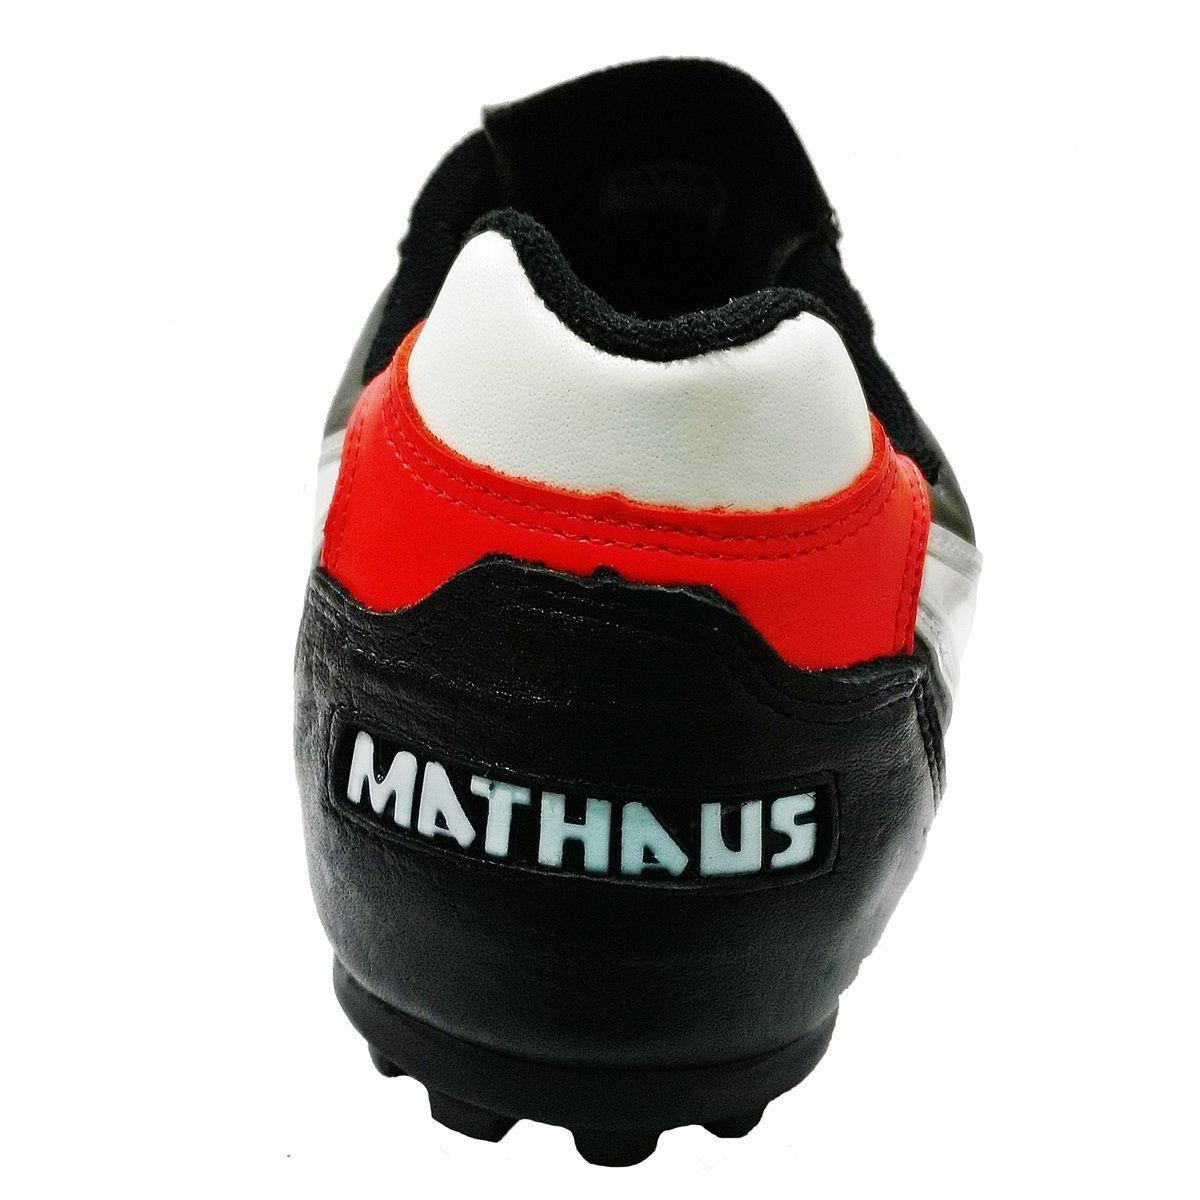 Chuteira Mathaus Society Veneza - Preto e Branco - Compre Agora ... a93e3d8b18103